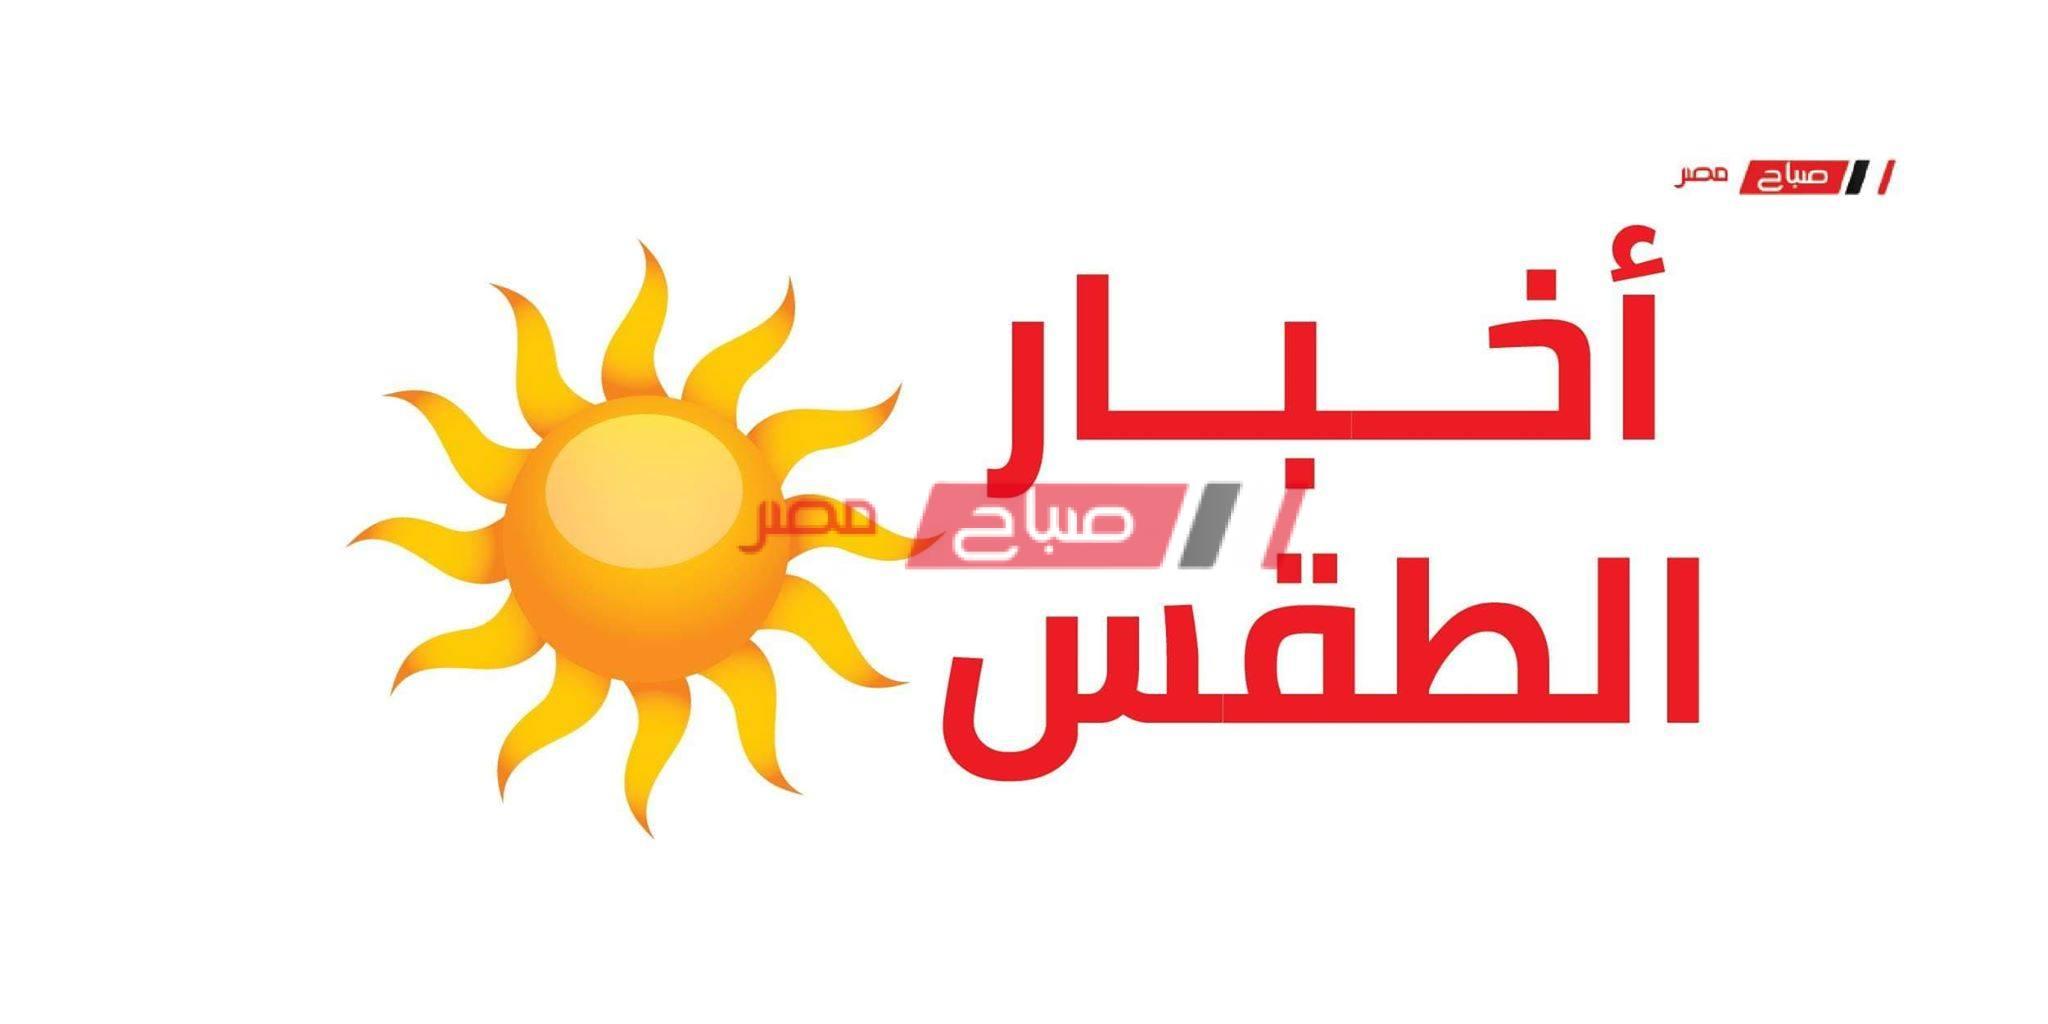 الطقس اليوم الأحد 17-5-2020 في مصر - موقع صباح مصر